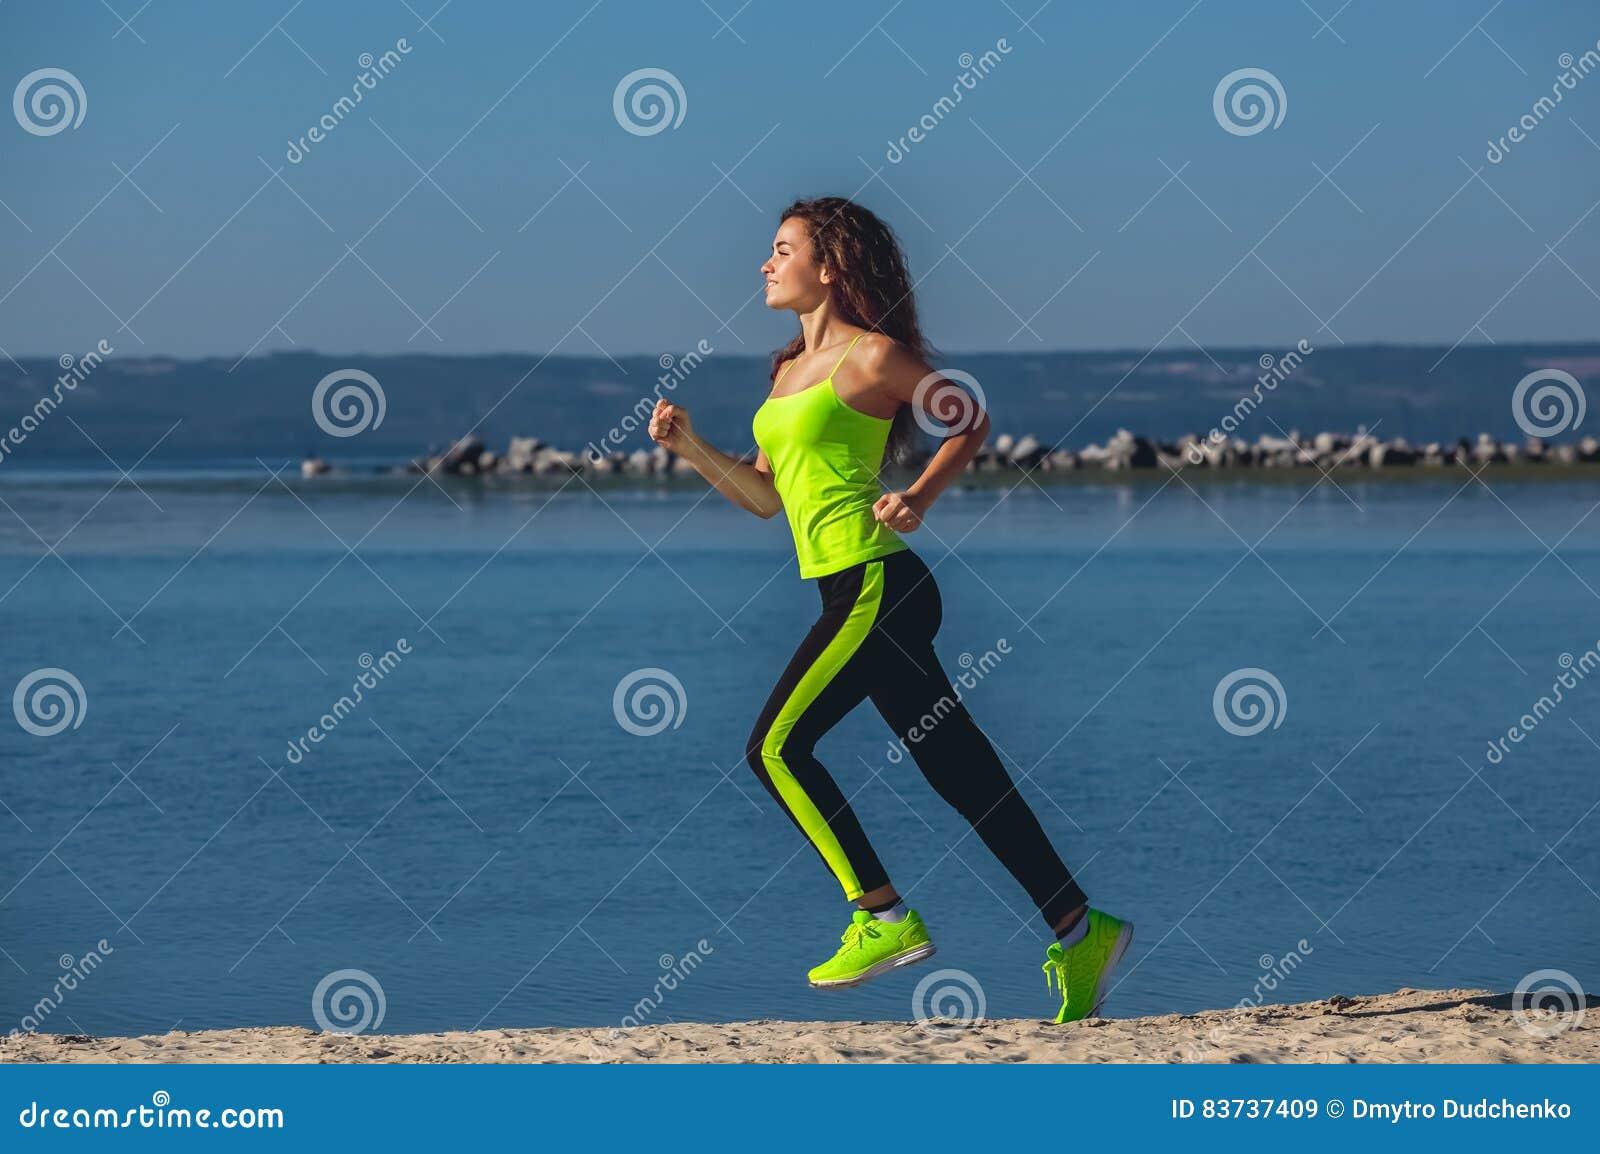 Giovane atleta con capelli ricci, la tuta sportiva verde chiaro e le scarpe da tennis corrente sulla spiaggia di estate, esercizi